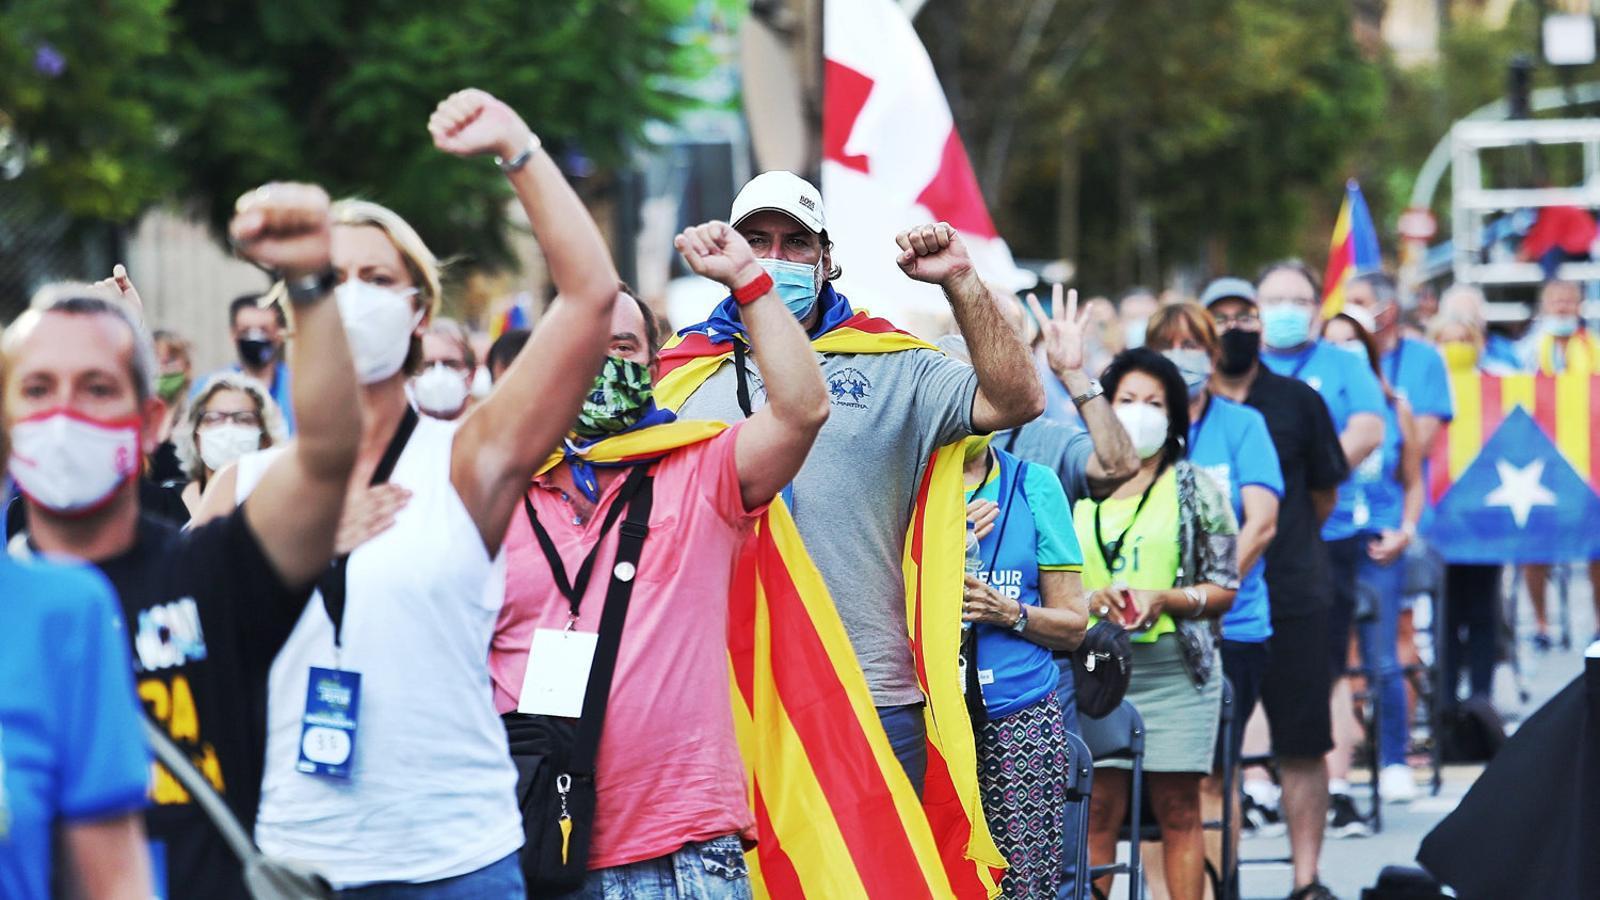 01. Centenars de persones es van manifestar a la plaça Letamendi de Barcelona. 02. A Girona van protestar asseguts i amb distància. 03. La mobilització  es va replicar a Tarragona amb mesures de seguretat.